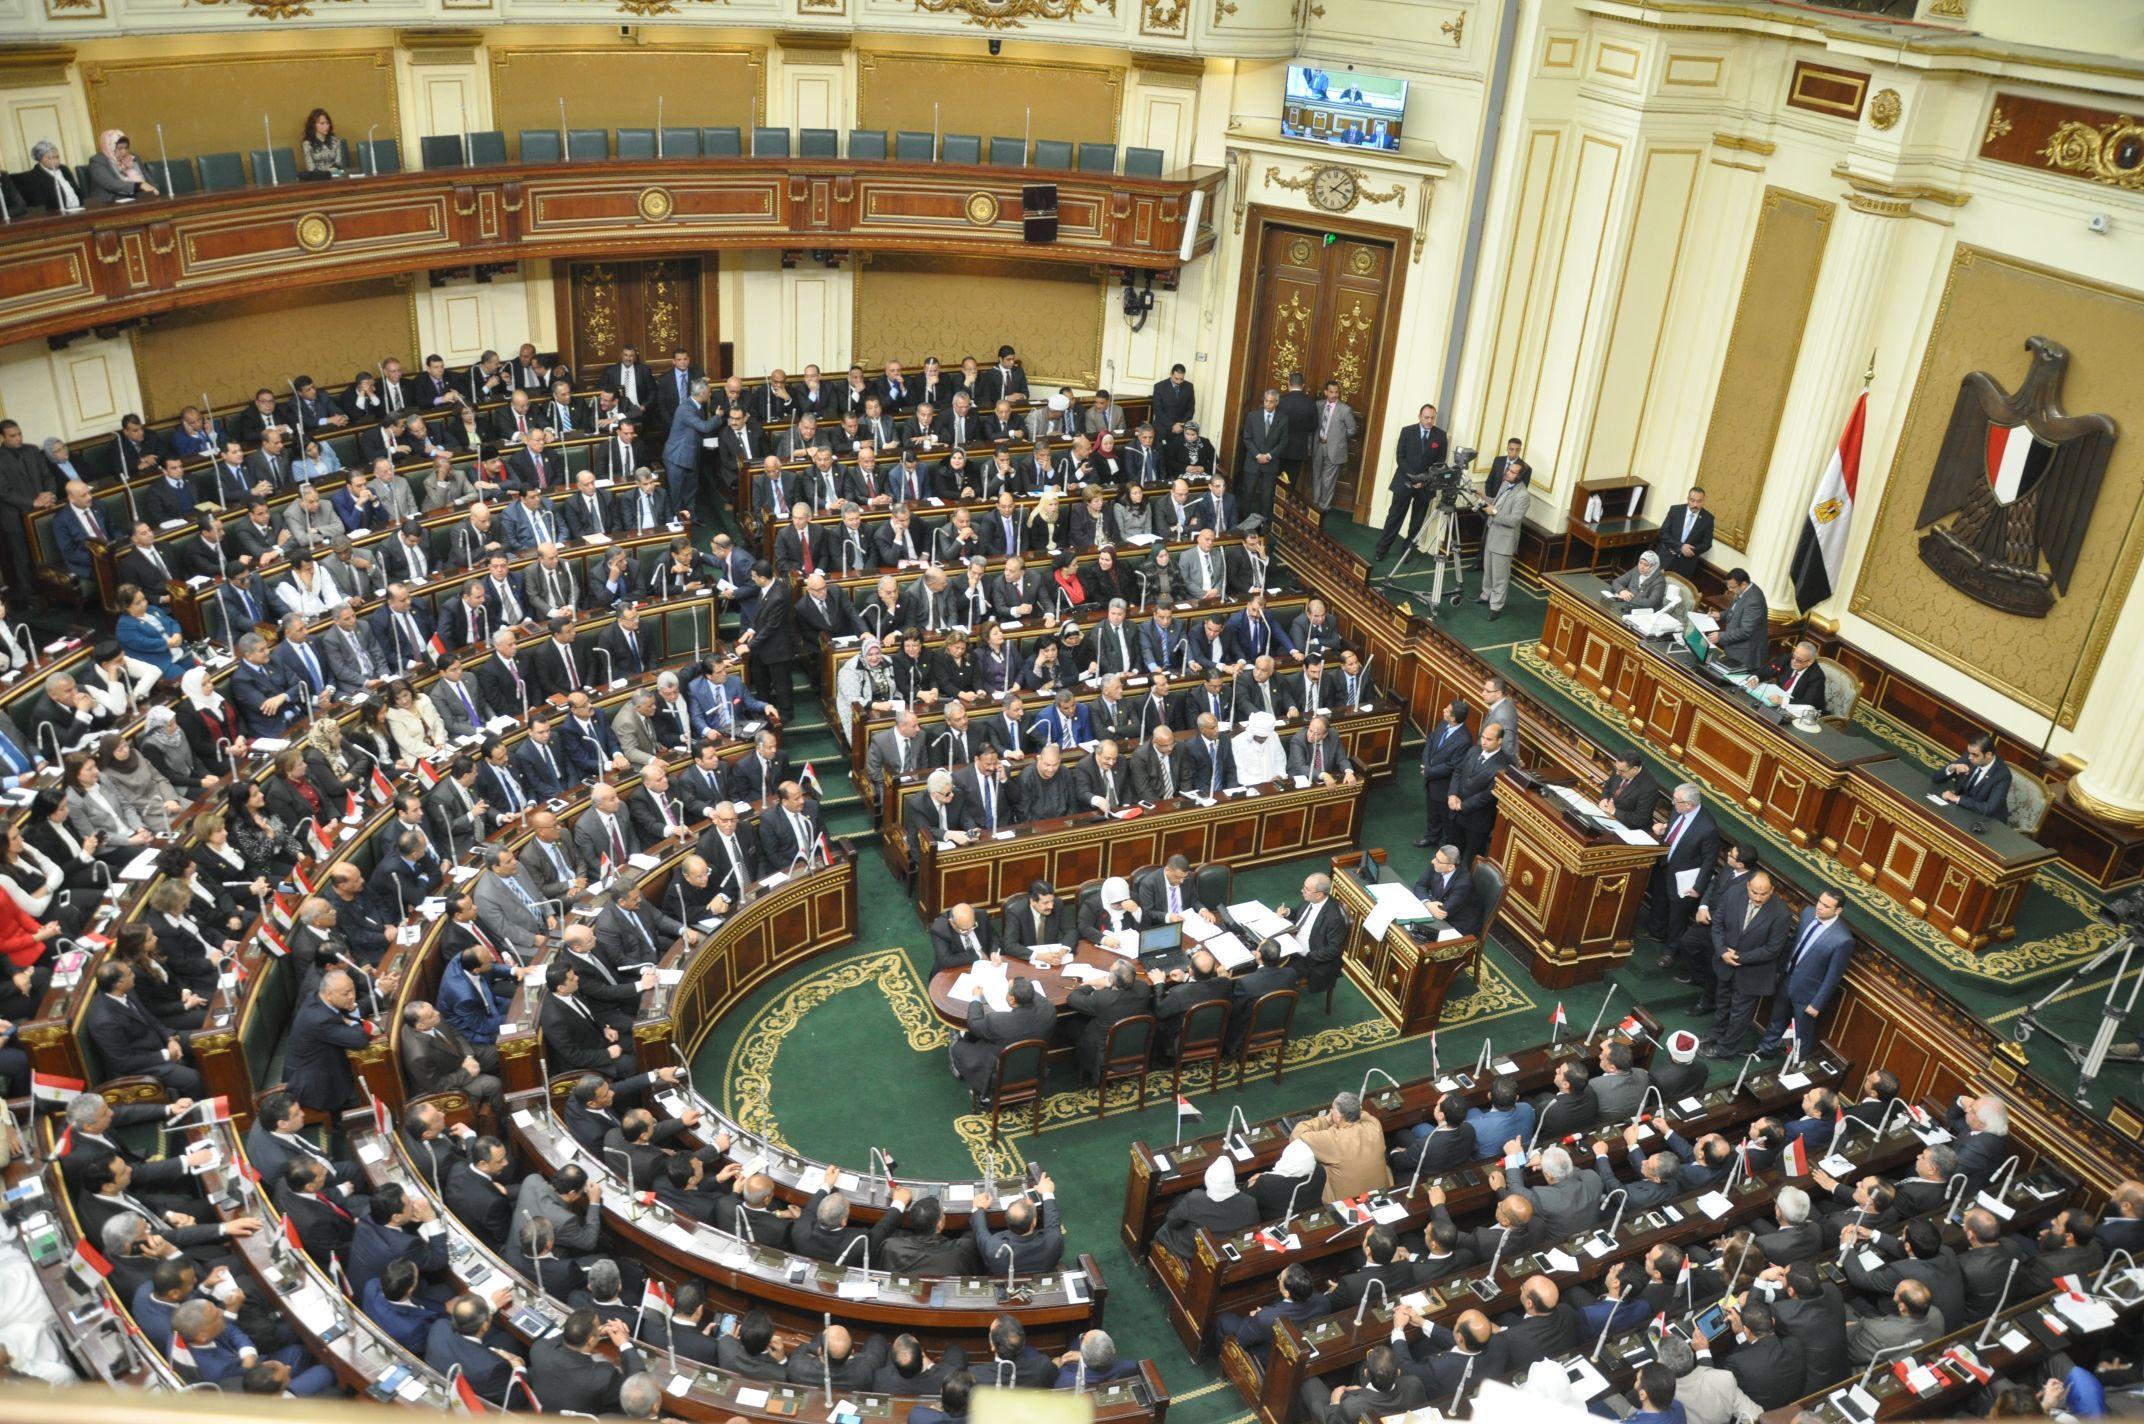 مجلس النواب المصري يؤيد الجيش في العملية الشاملة للحرب على الإرهاب